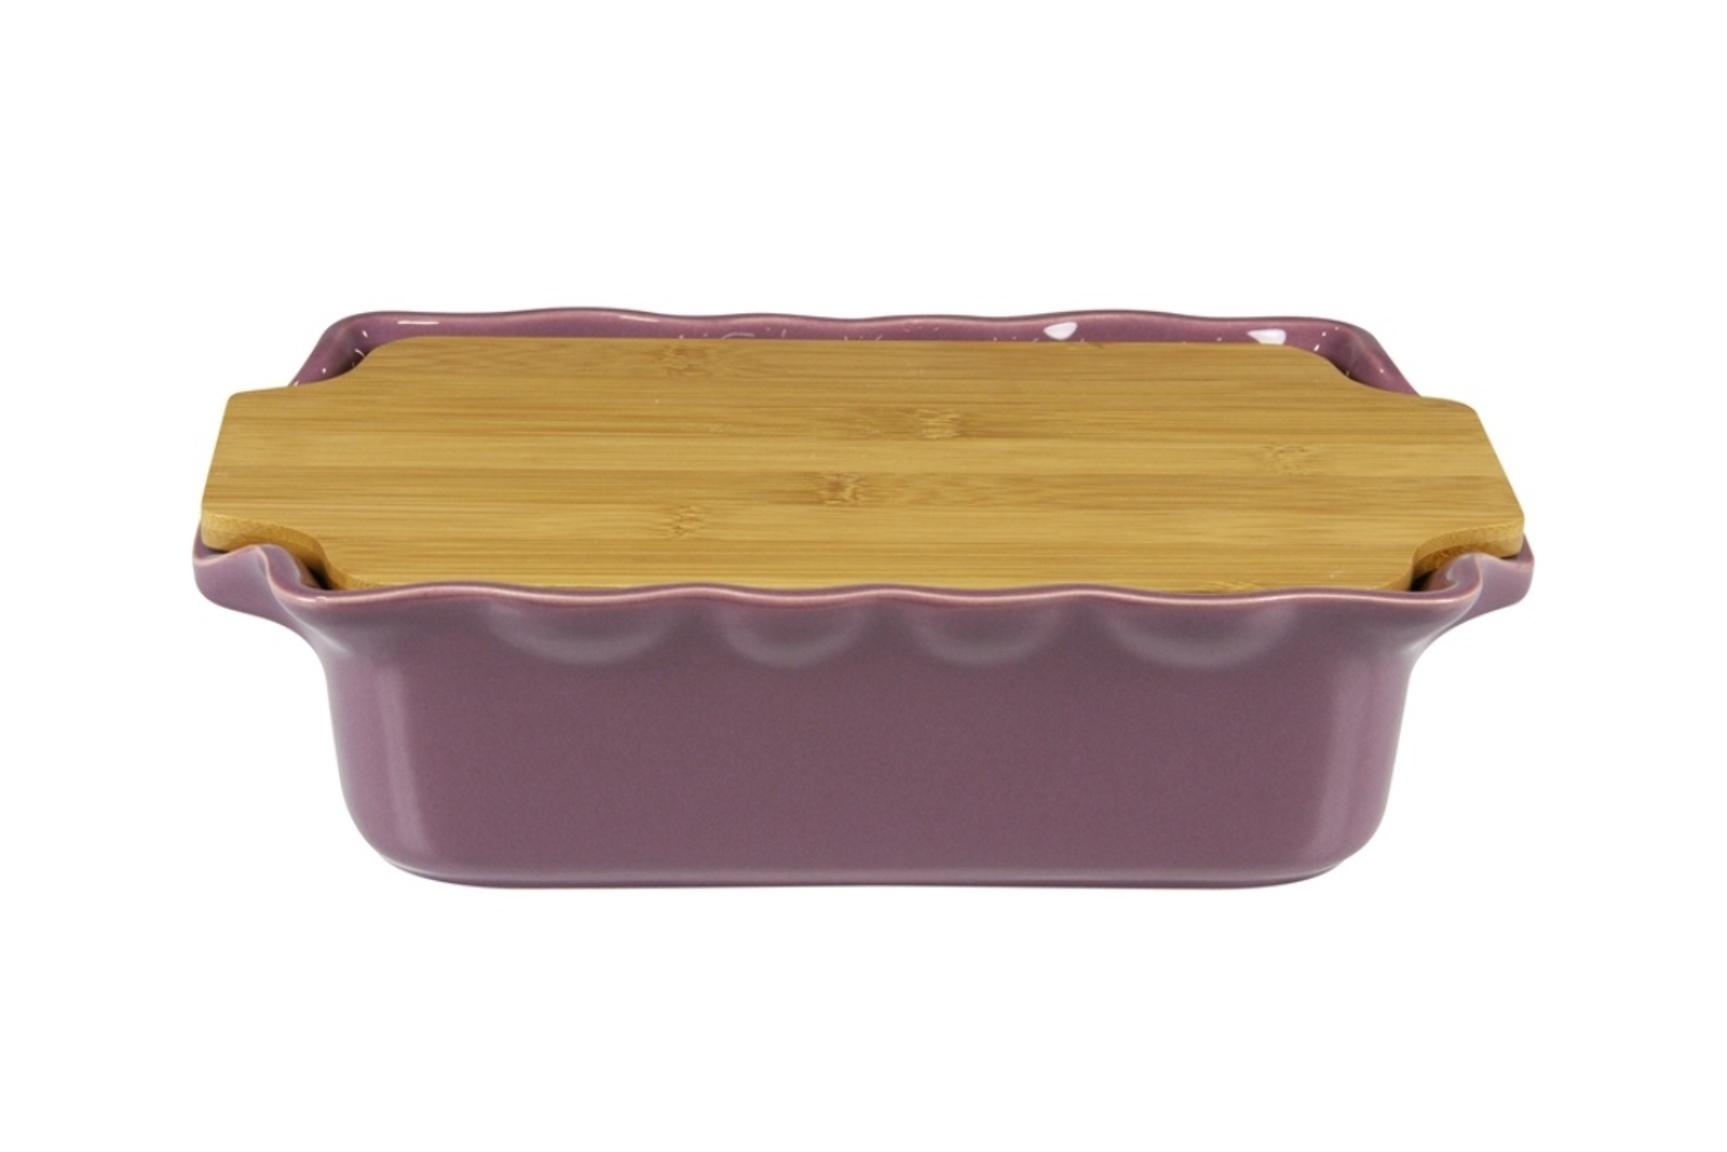 Форма с доcкой прямоугольная 33,5 см Appolia Cook&amp;Stock PLUM 131033508Формы для запекания (выпечки)<br>Форма с доcкой прямоугольная 33,5 см Appolia Cook&amp;Stock PLUM 131033508<br><br>В оригинальной коллекции Cook&amp;Stoock присутствуют мягкие цвета трех оттенков. Закругленные углы облегчают чистку. Легко использовать. Компактное хранение. В комплекте натуральные крышки из бамбука, которые можно использовать в качестве подставки, крышки и разделочной доски. Прочная жароустойчивая керамика экологична и изготавливается из высококачественной глины. Прочная глазурь устойчива к растрескиванию и сколам, не содержит свинца и кадмия. Глина обеспечивает медленный и равномерный нагрев, деликатное приготовление с сохранением всех питательных веществ и витаминов, а та же долго сохраняет тепло, что удобно при сервировке горячих блюд.<br>